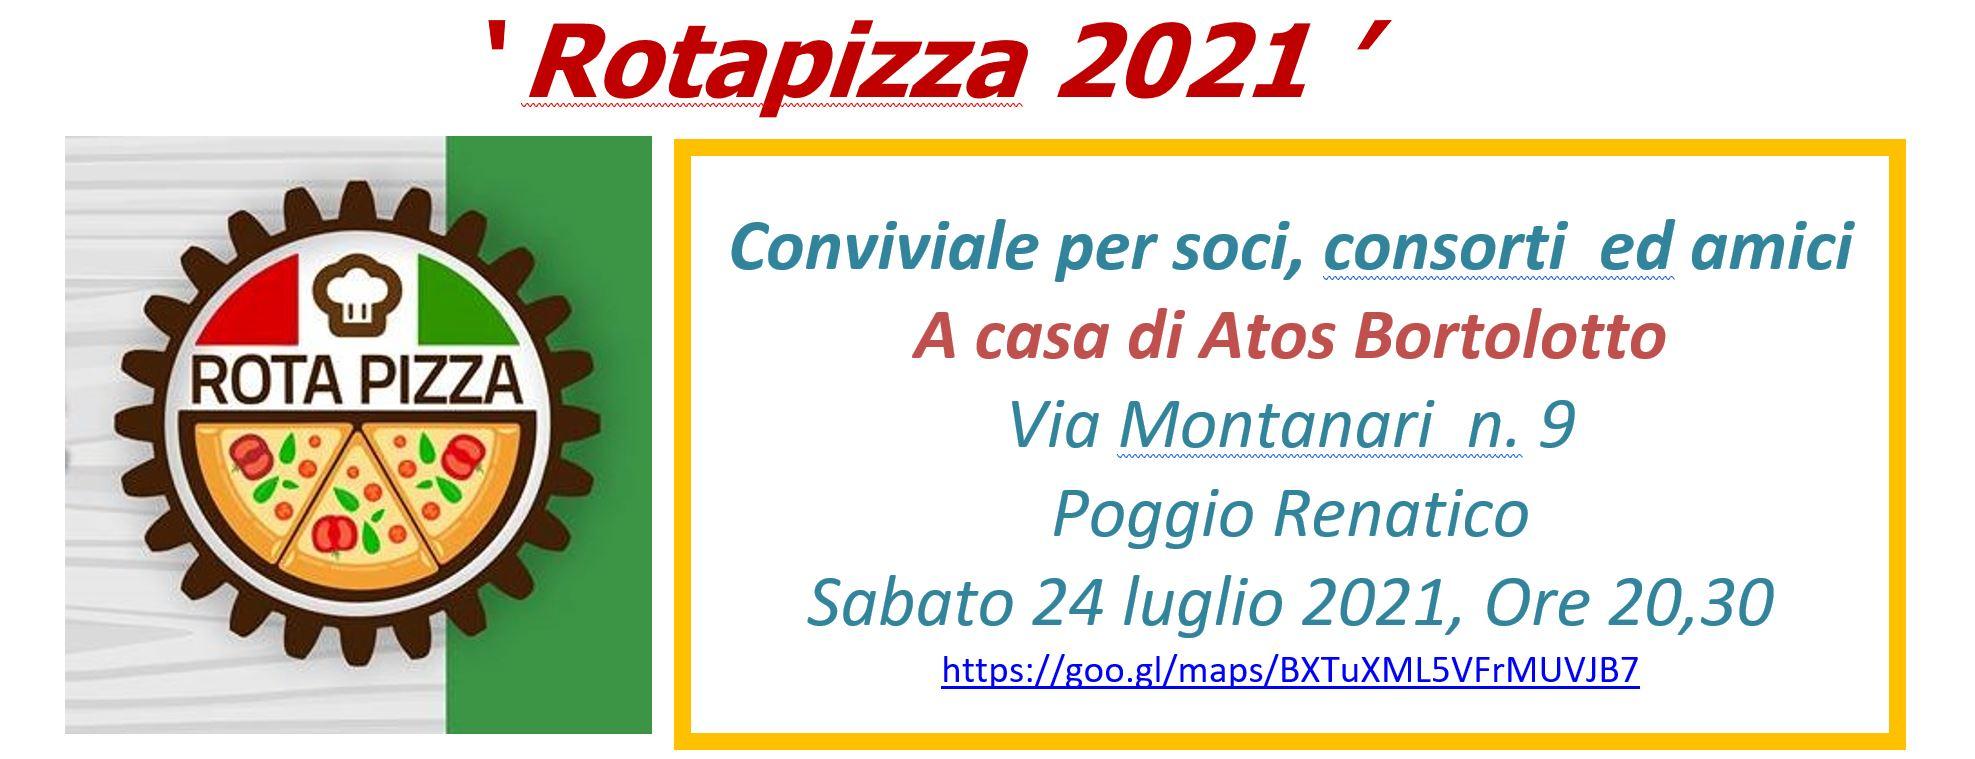 ROTAPIZZA 2021